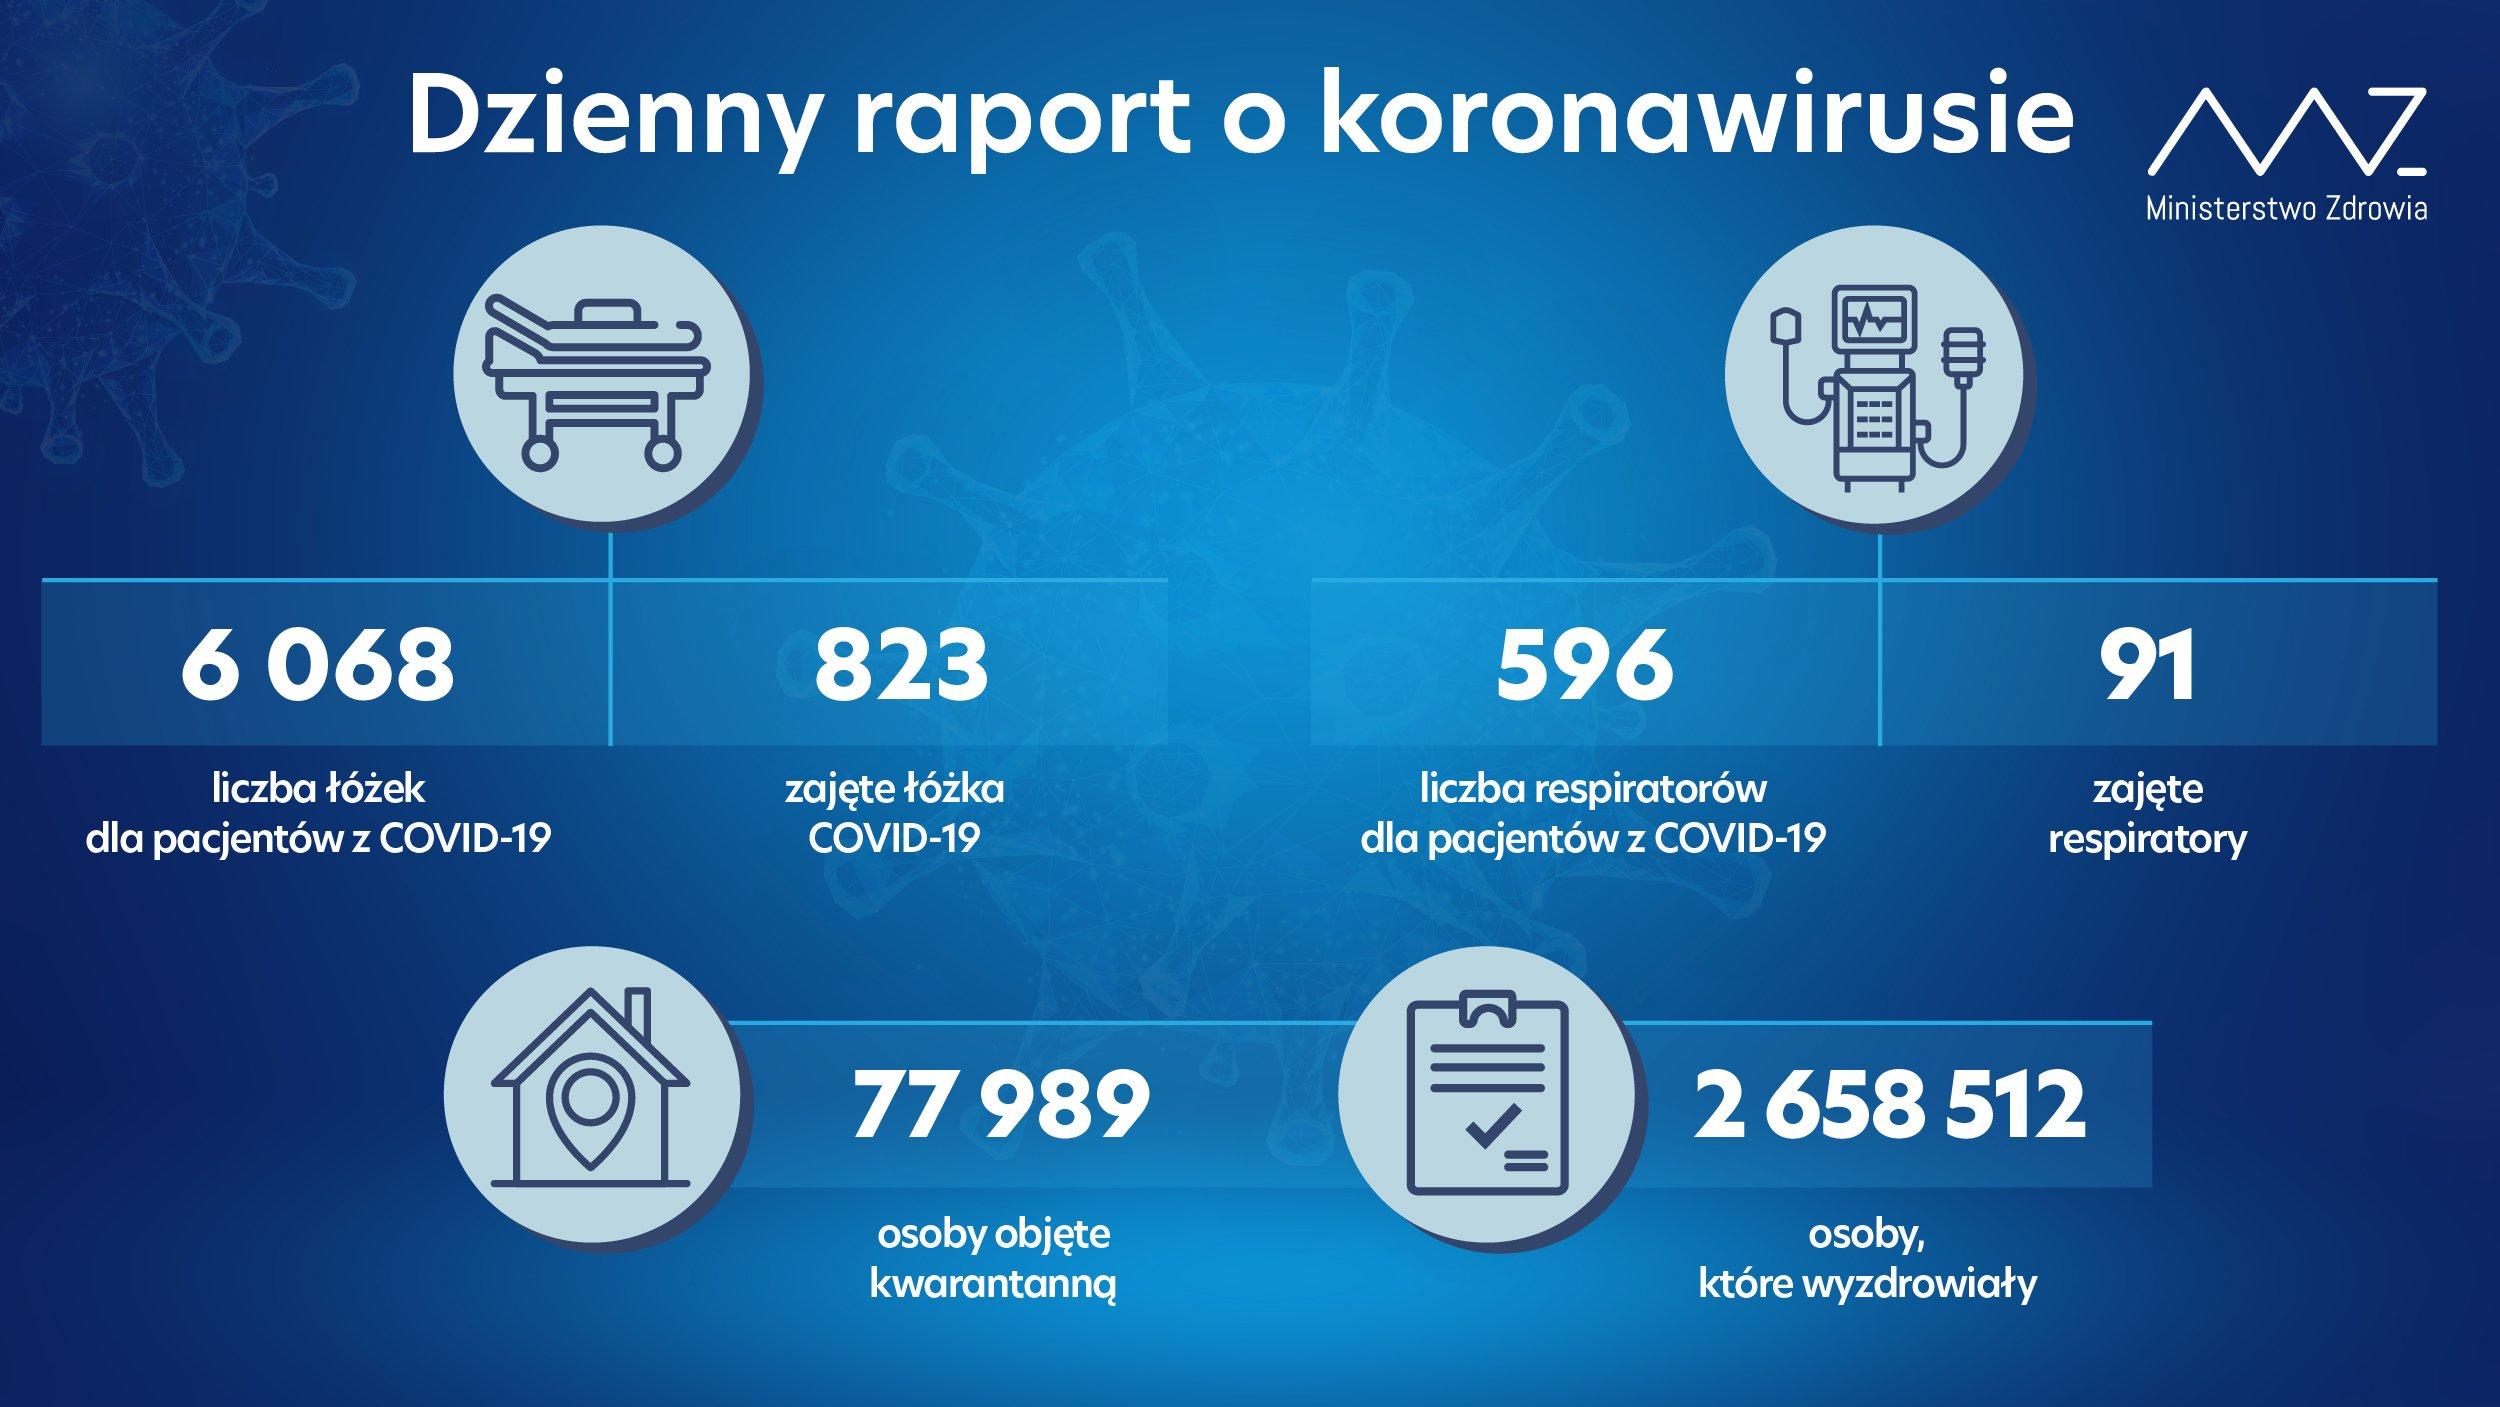 Koronawirus 15 września 2021 - raport Ministerstwa Zdrowia